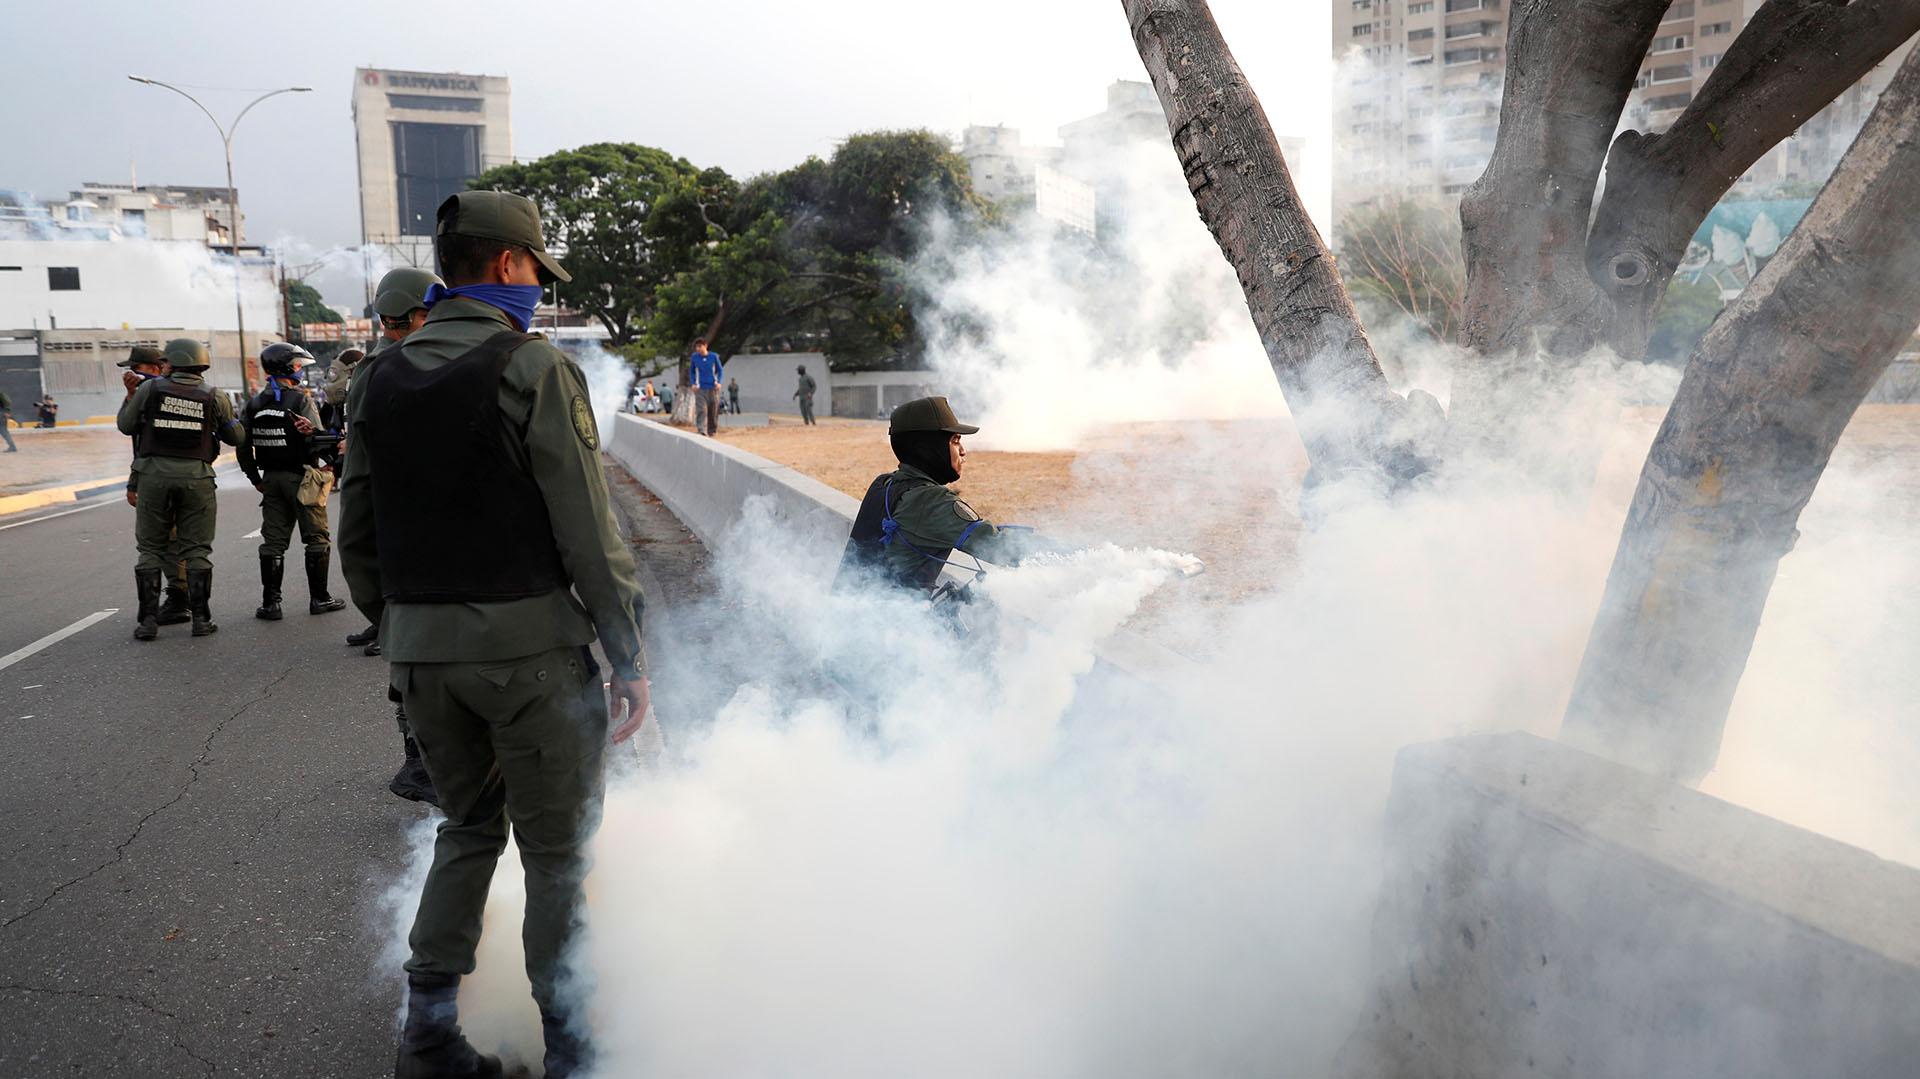 Gas lacrimógeno en la base aérea La Carlota. REUTERS/Carlos Garcia Rawlins